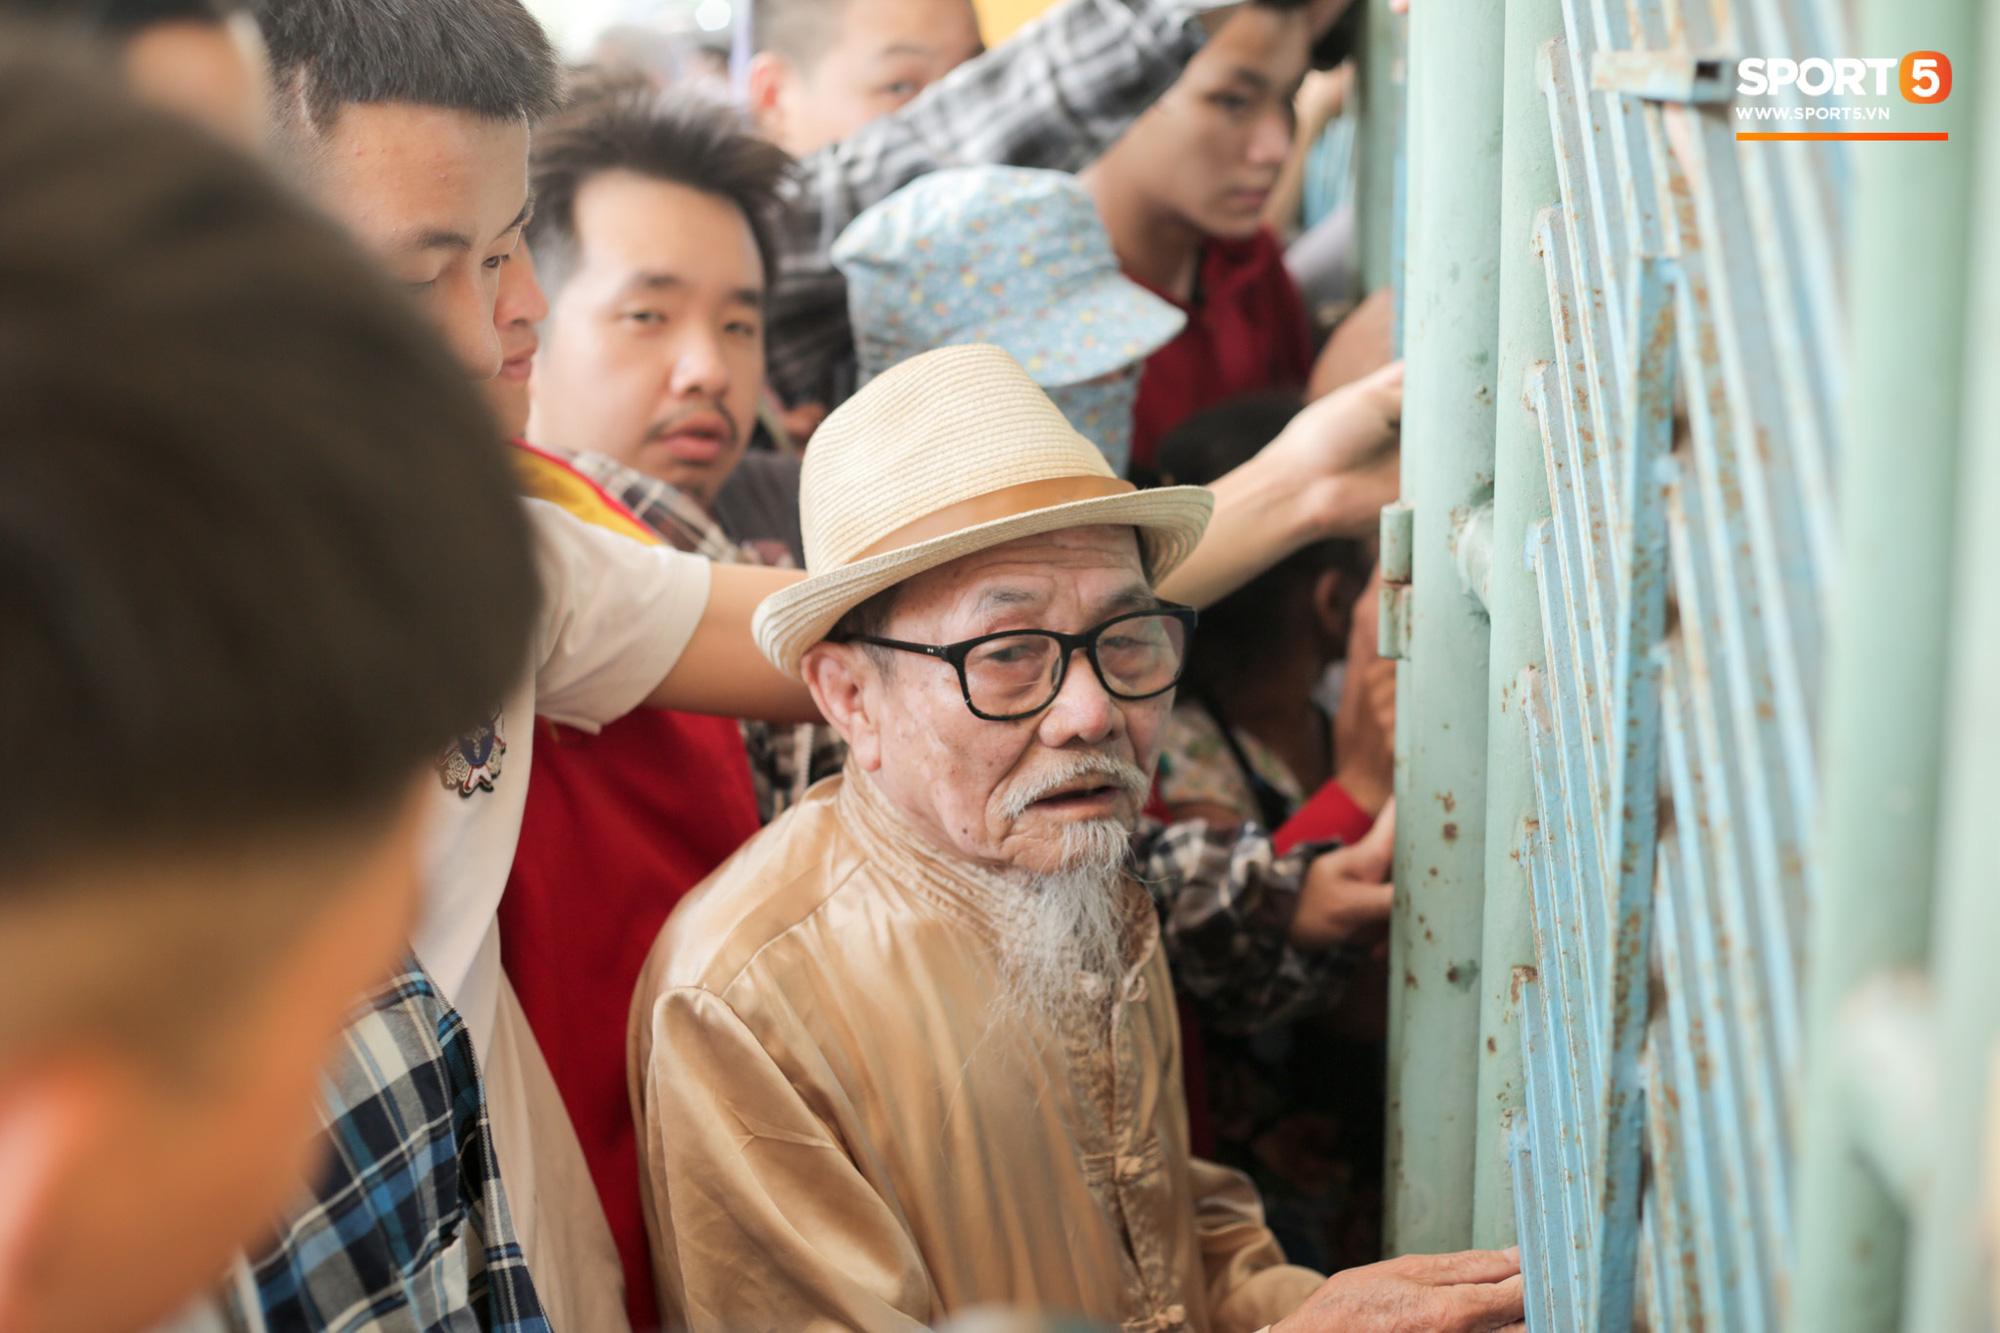 Chen nhau nghẹt thở mua vé xem bóng đá ở Nam Định, dân phe Hà Nội cũng đổ về thu gom - Ảnh 10.